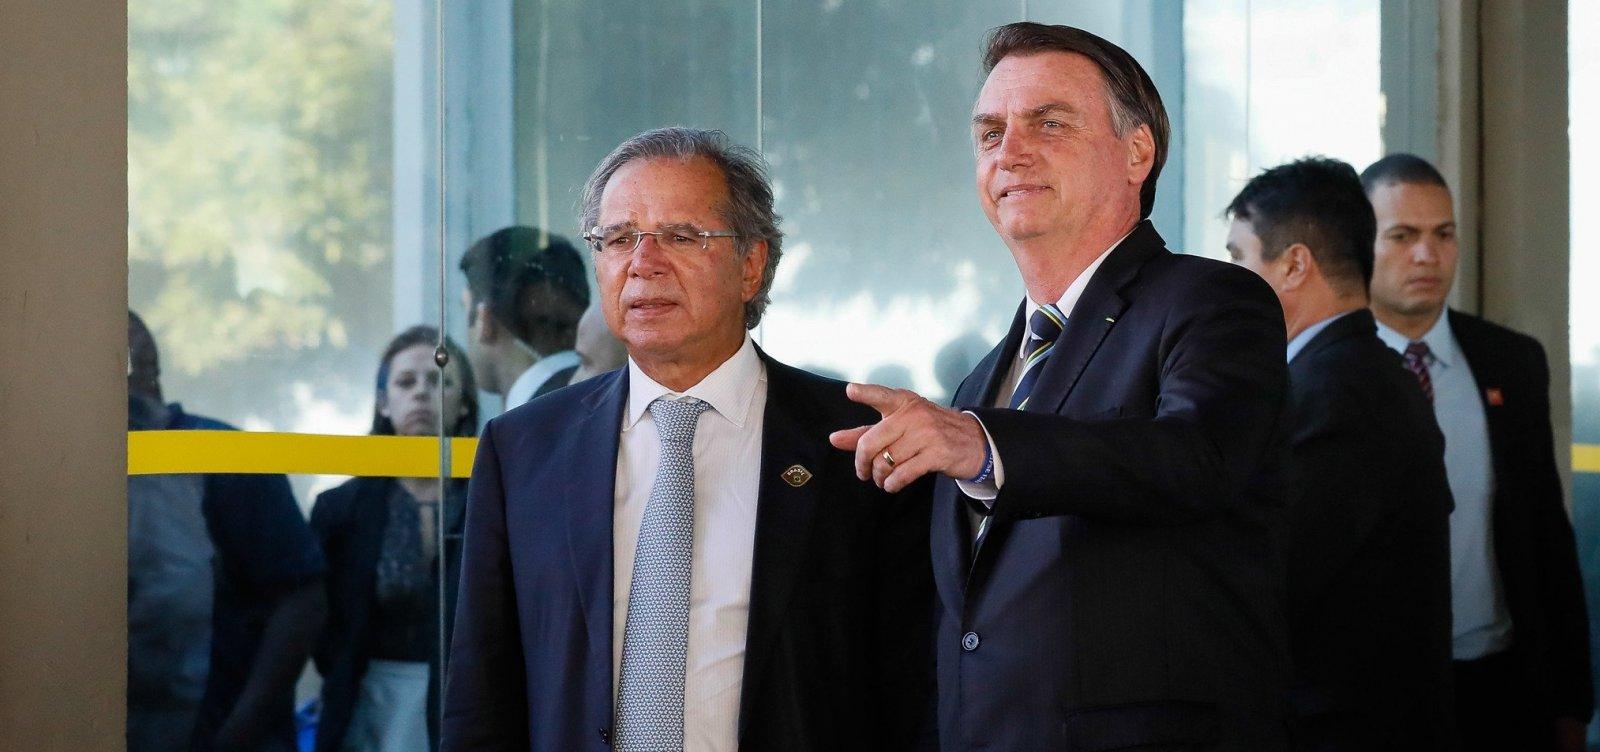 Bolsonaro avalia corte de R$ 10 bilhões em benefício para deficientes e idosos